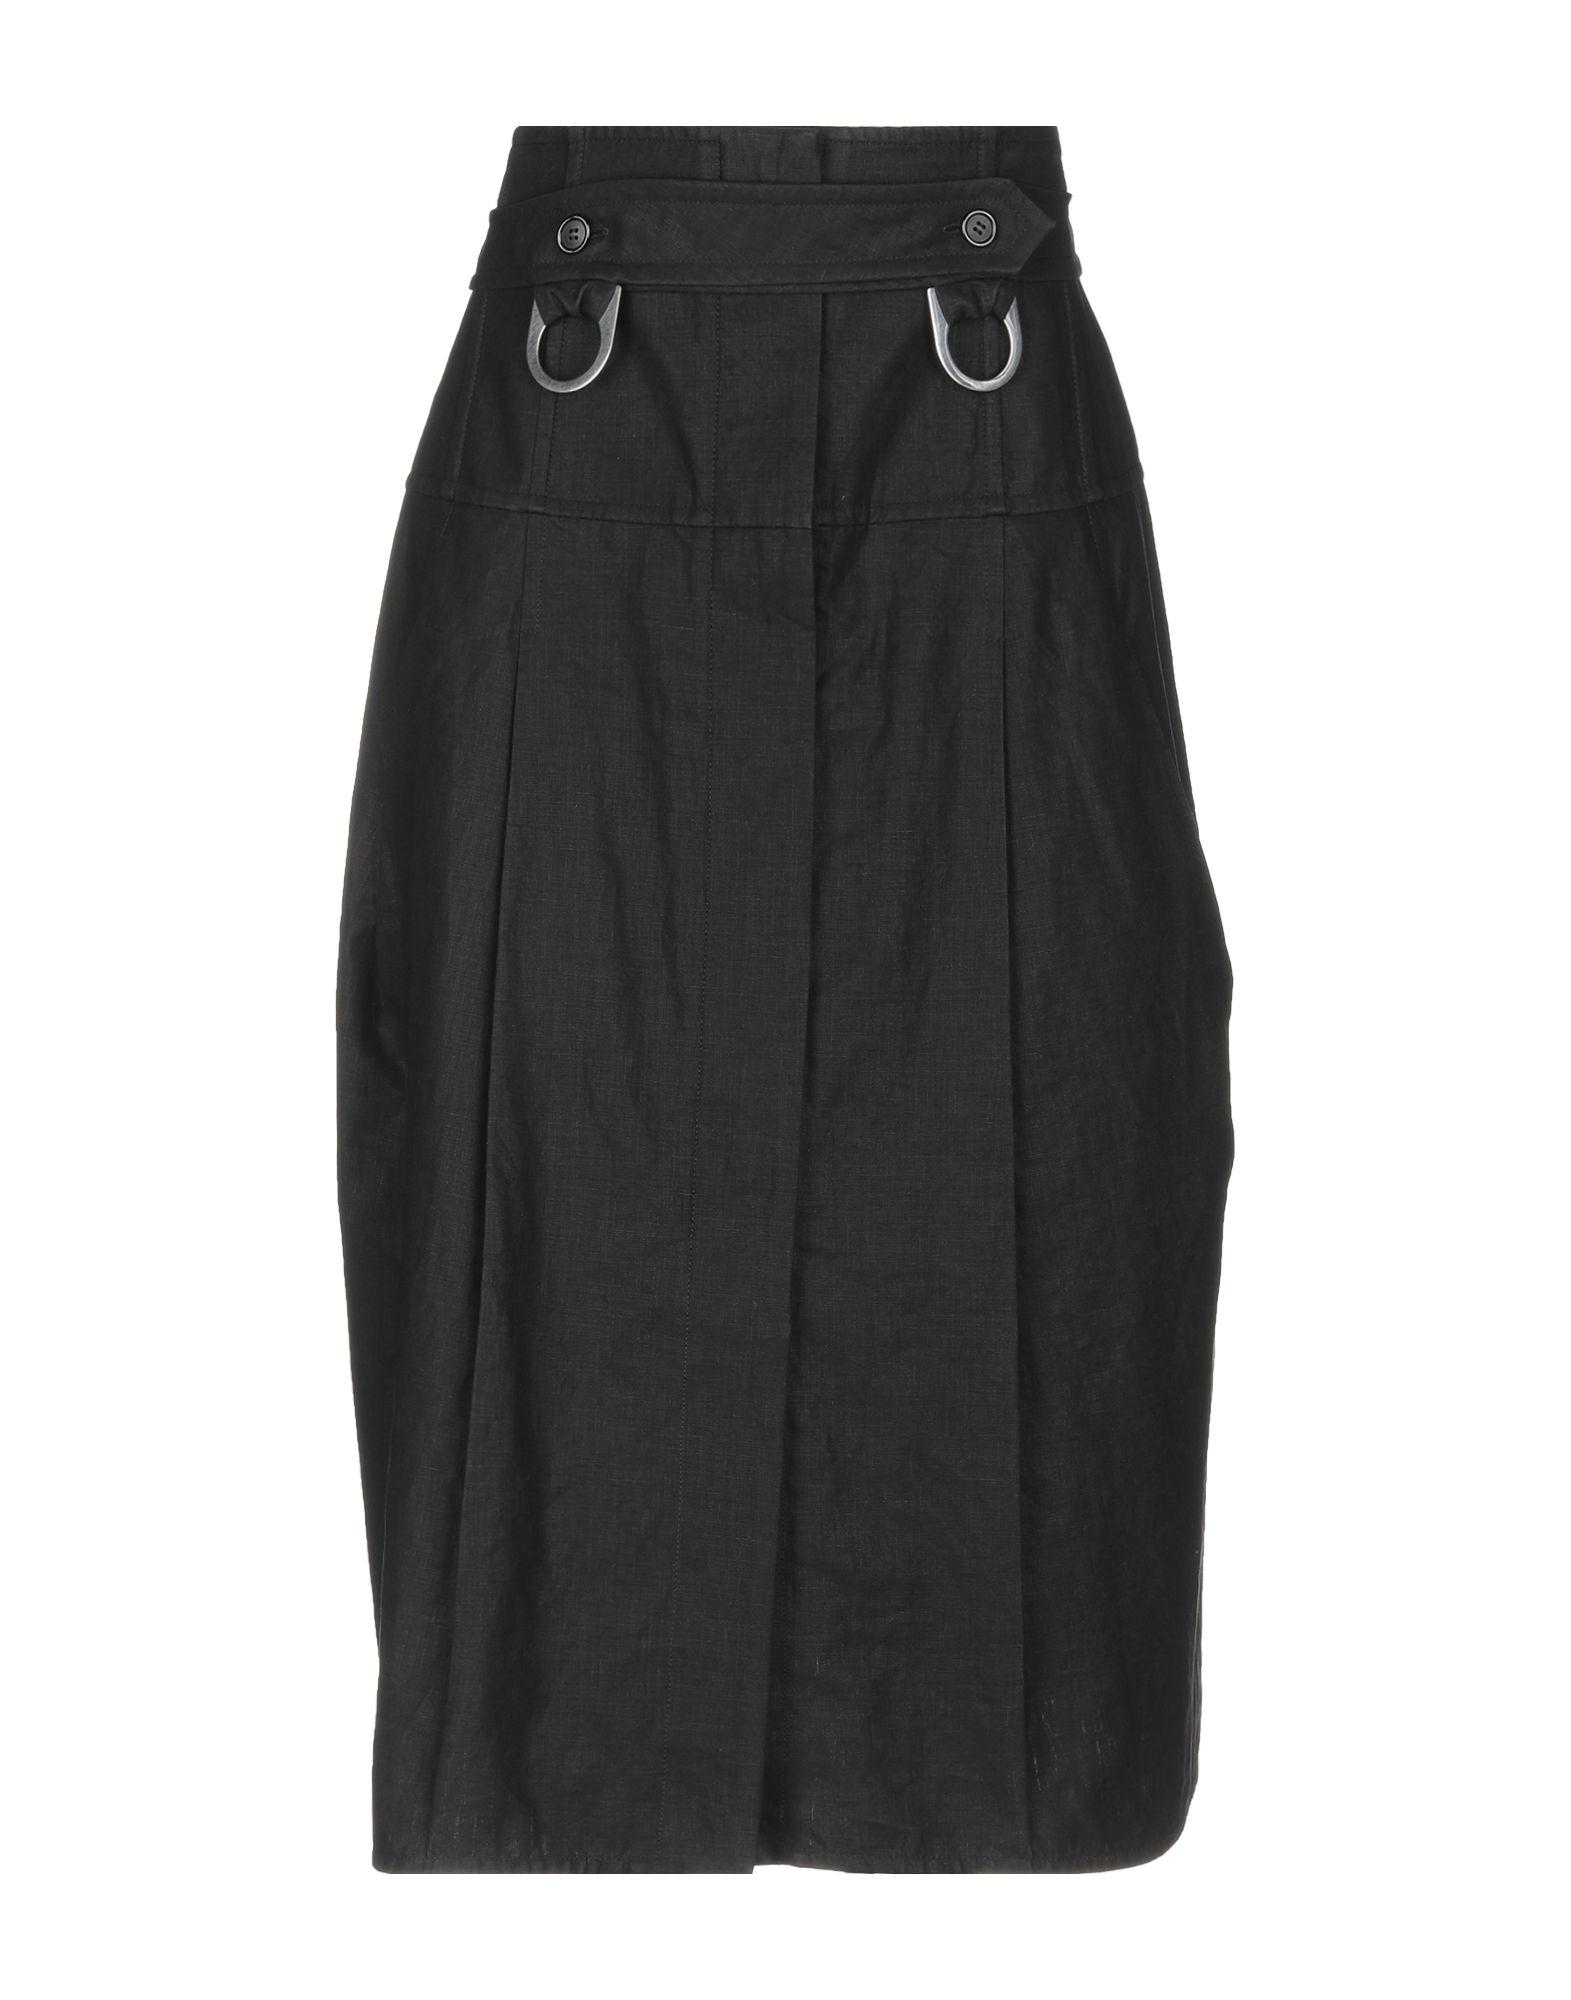 《送料無料》CELINE レディース 7分丈スカート ブラック 38 麻 100%